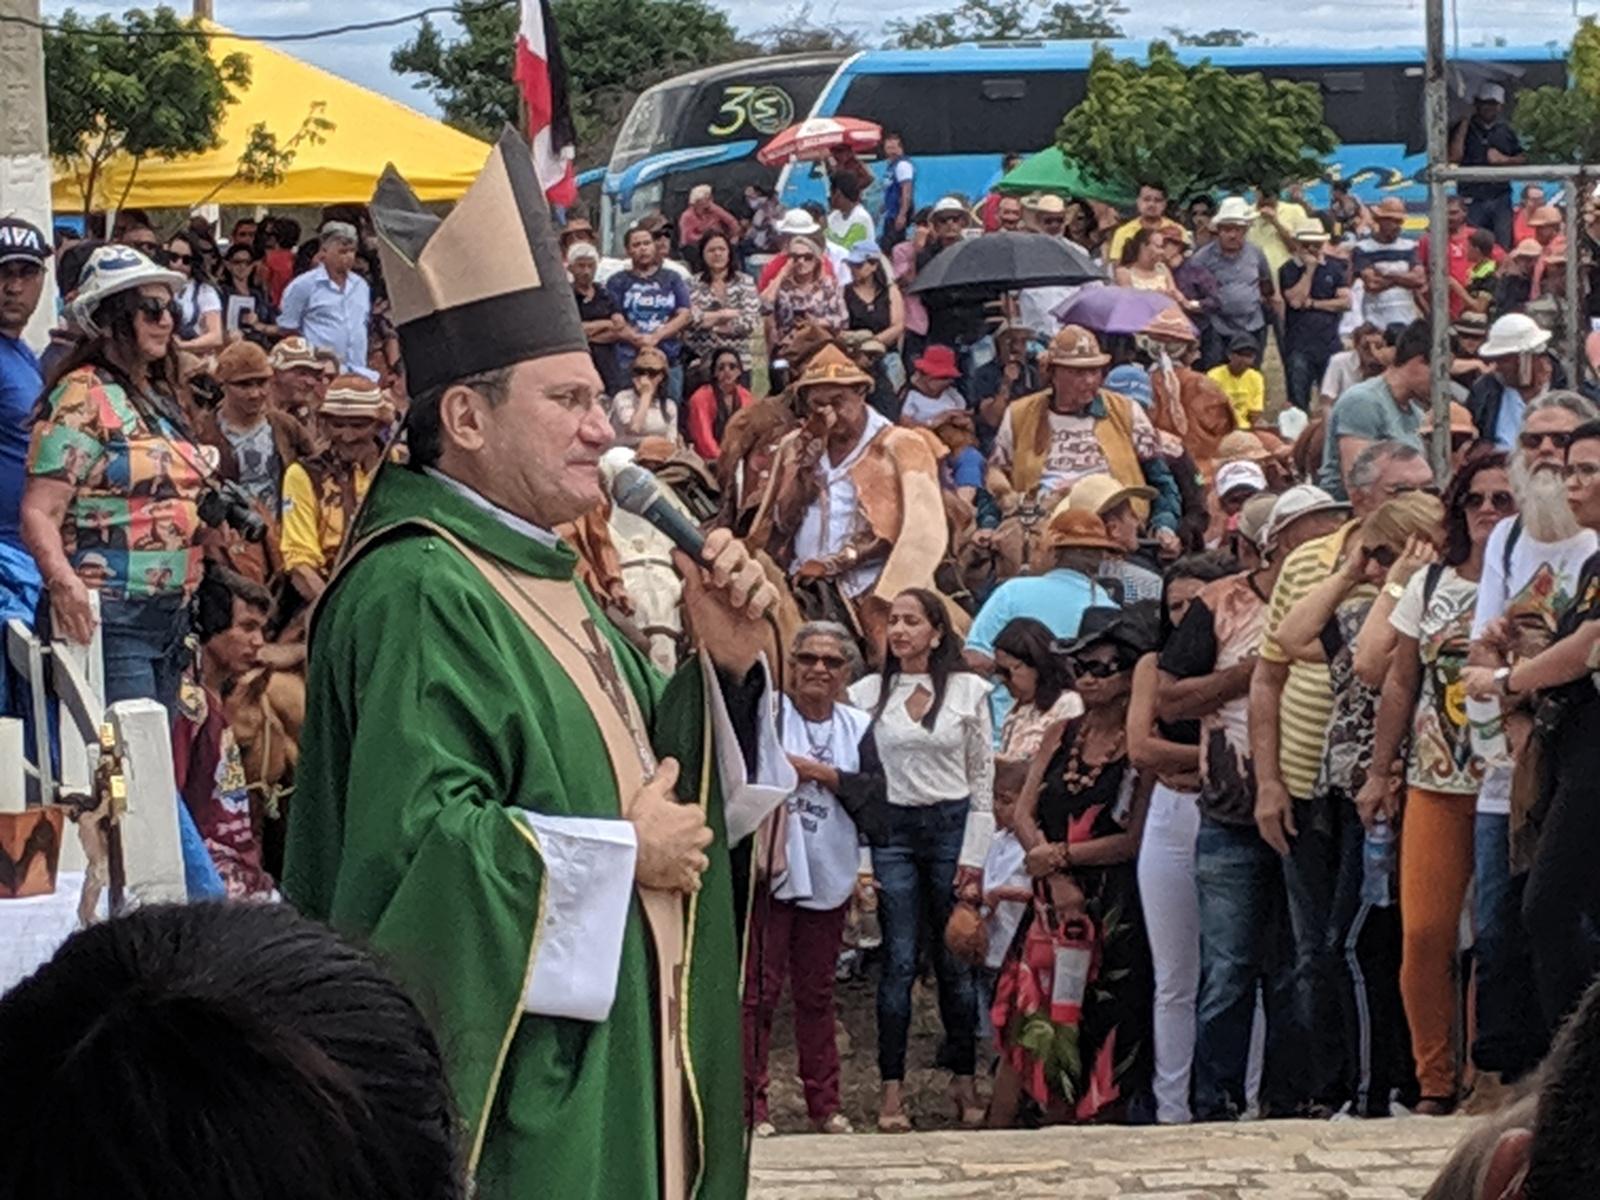 Missa do Vaqueiro de Serrita de 2019. Divulgação